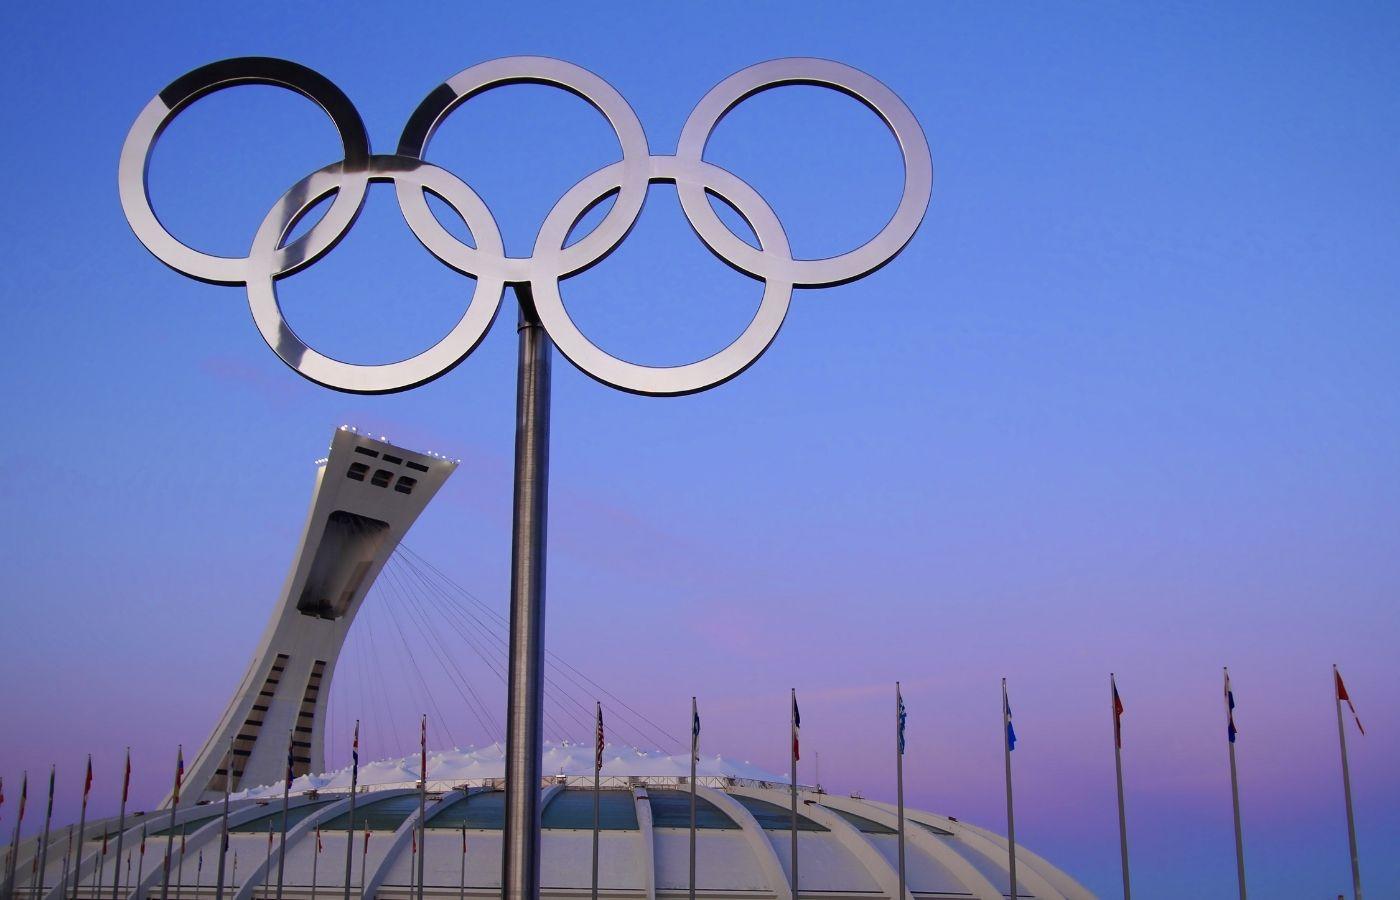 Olympijské novinky v Tokiu | Sportbiz